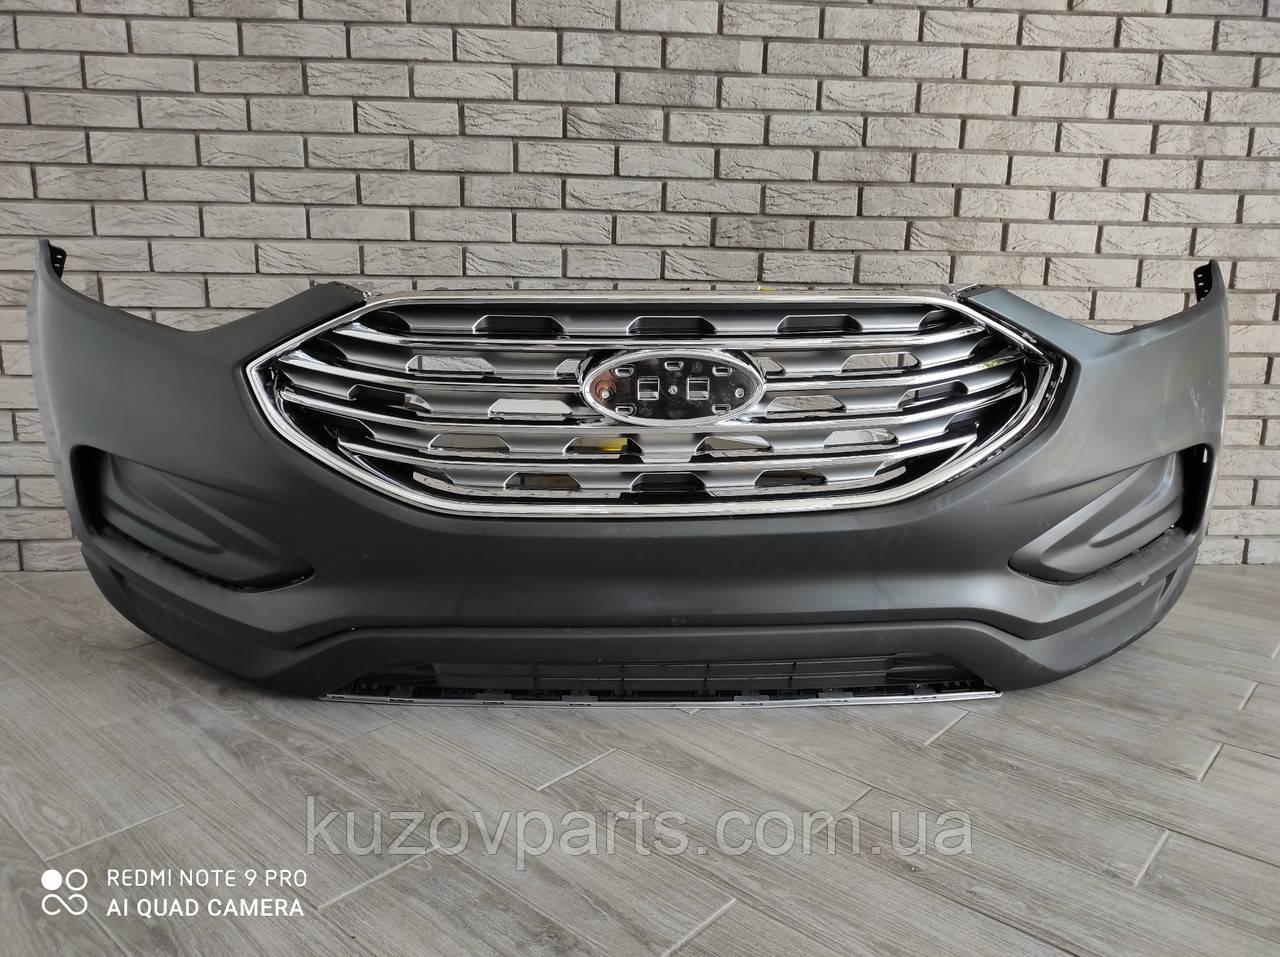 Бампер передний в сборе Ford Edge 2019 2020